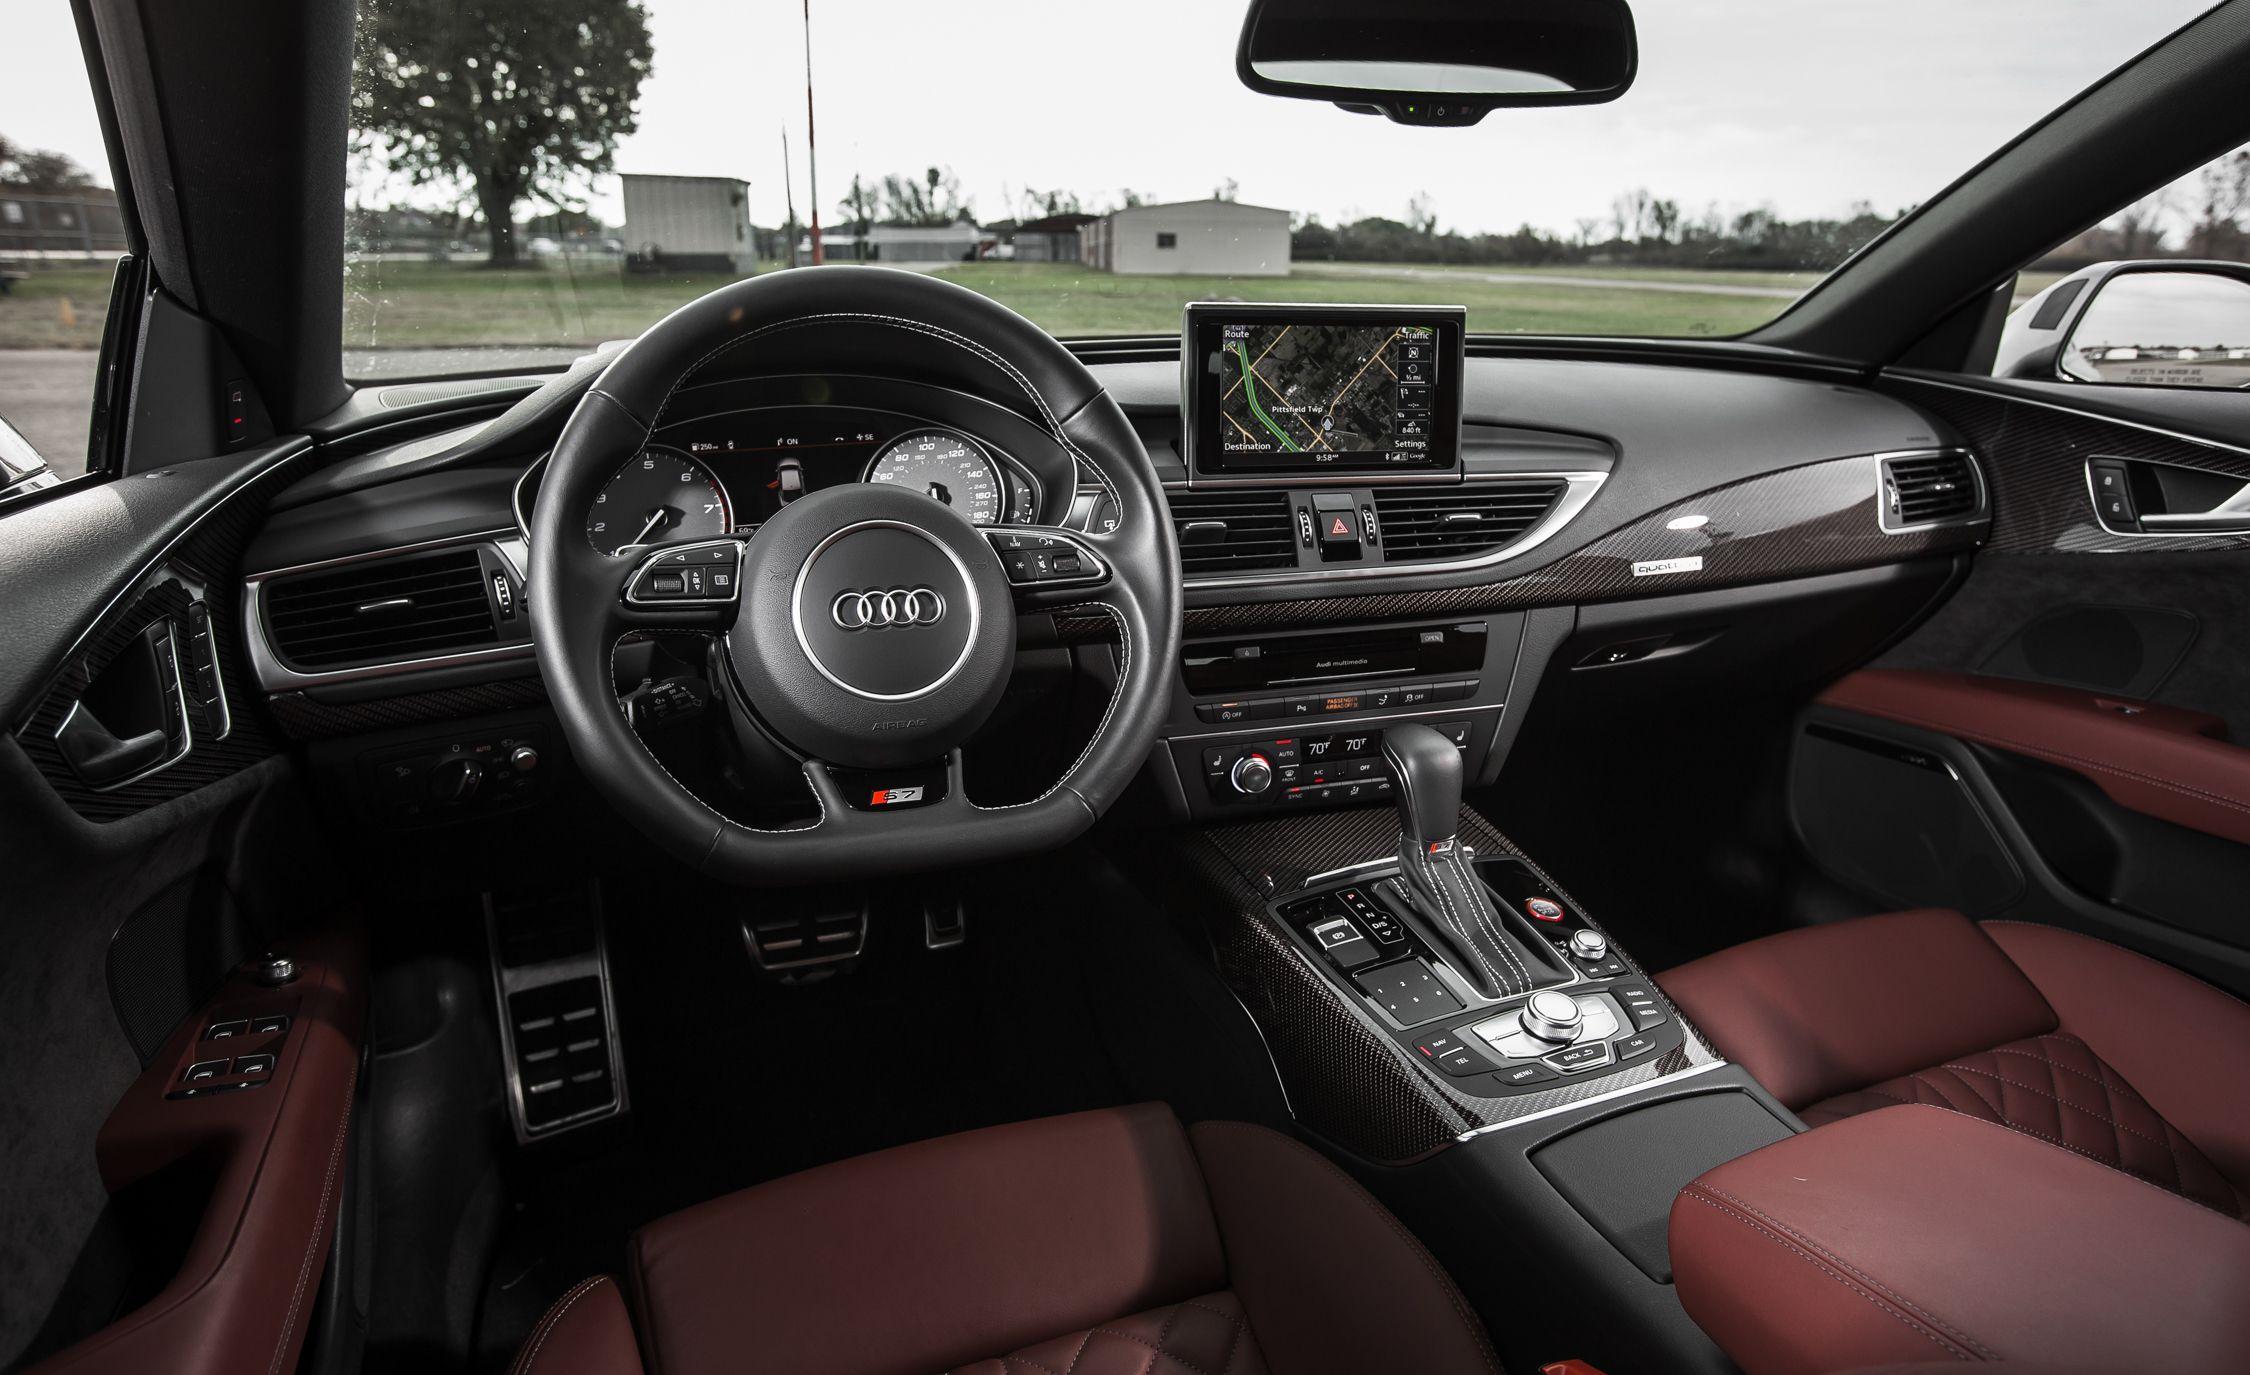 Audi s7 0-60